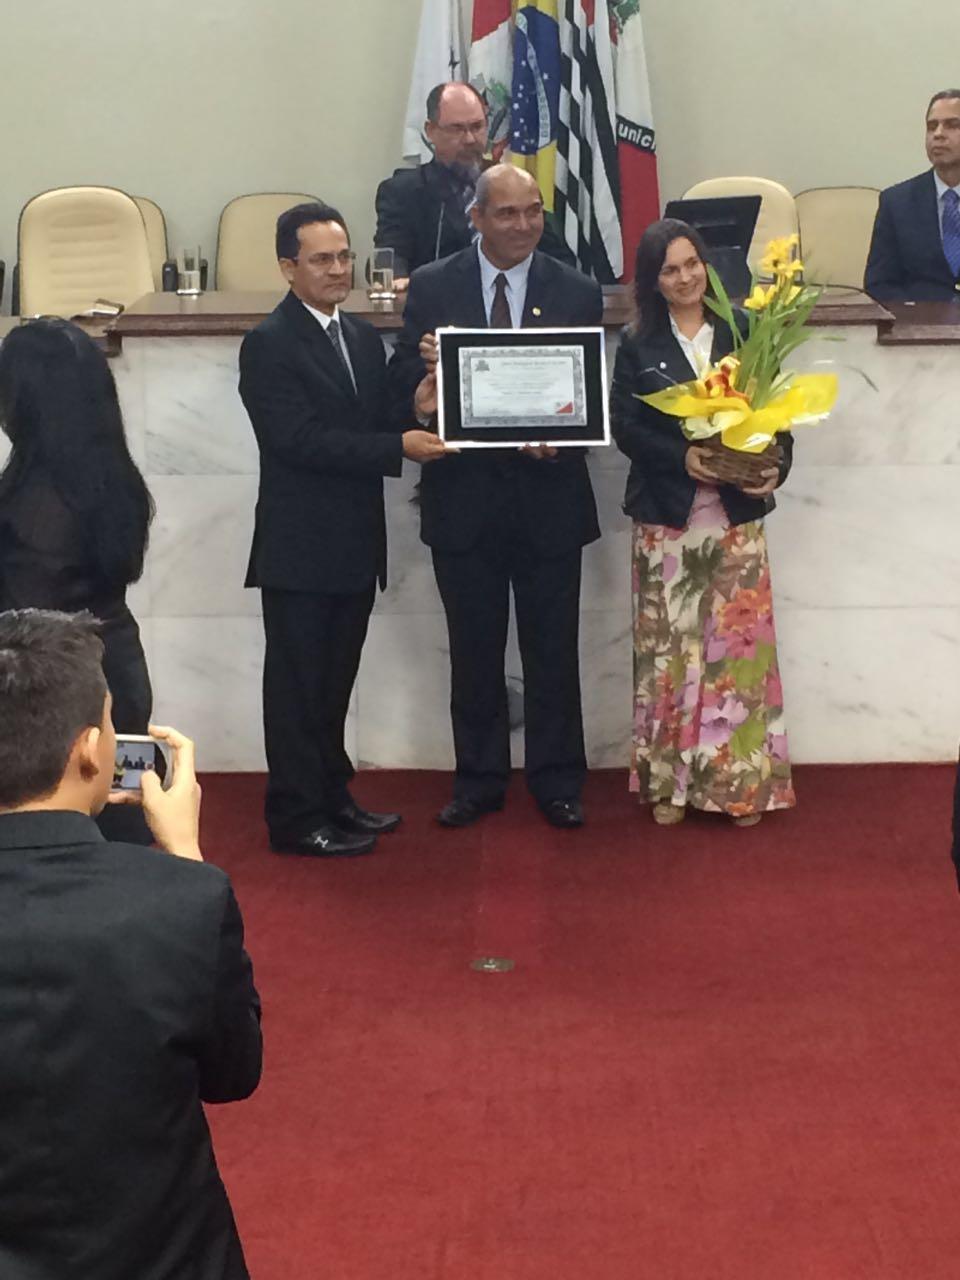 Pastor Hirailton acompanhado da esposa Ana Paula e do vereador autor da Homenagem. Foto: colaborador local